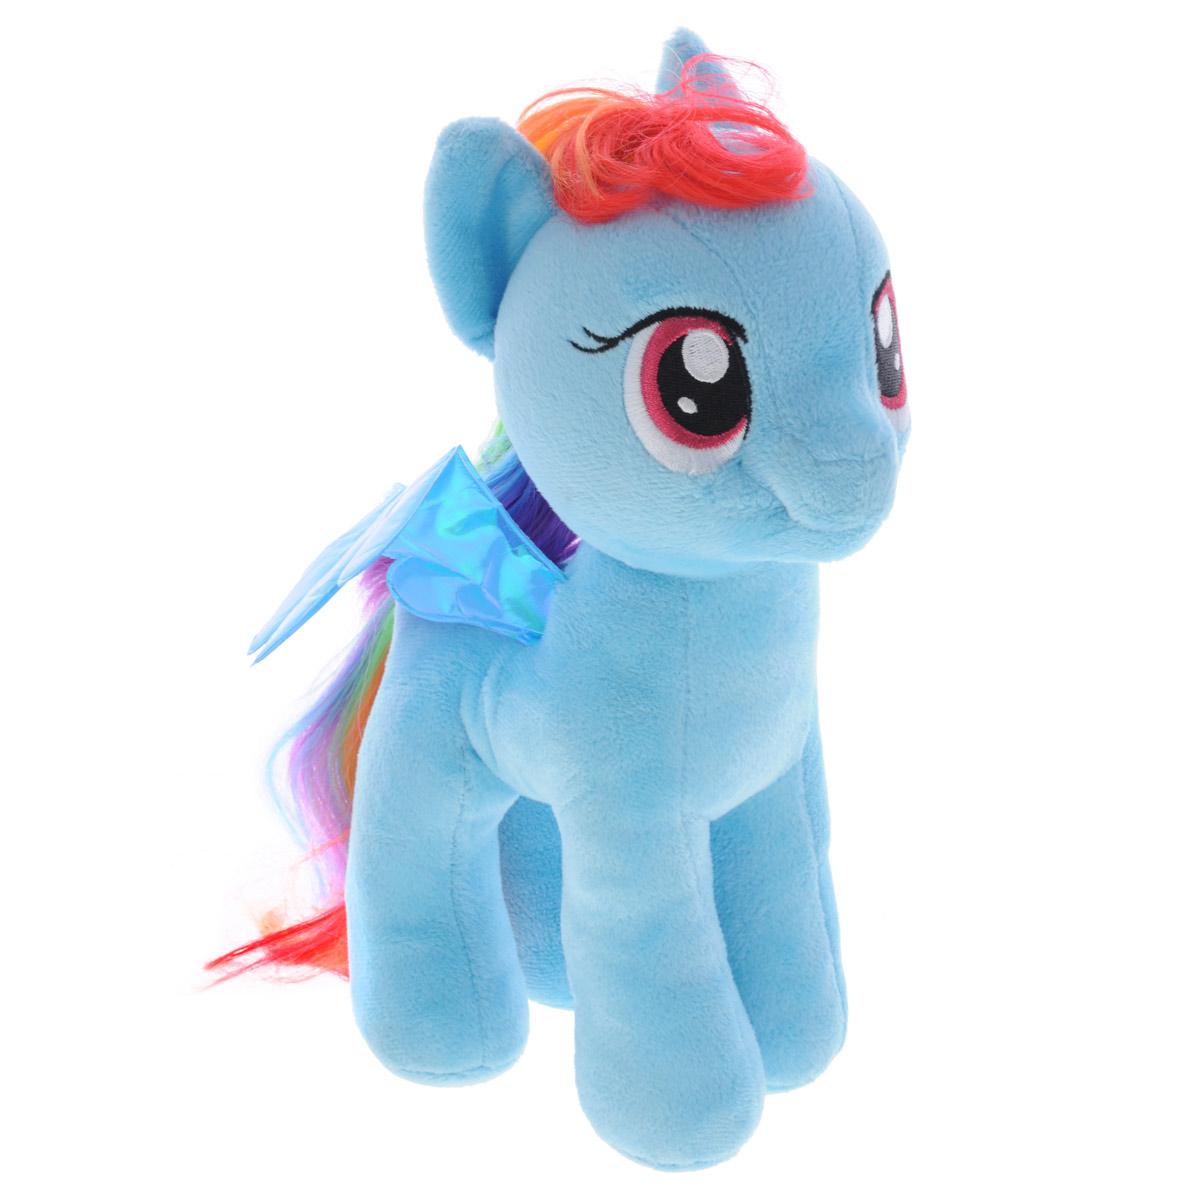 My Little Pony Мягкая игрушка Rainbow Dash, 28 см90205Рэинбоу Дэш - это голубая пони с гривой и хвостом, окрашенными в радужные цвета. Грива и хвост распущенные, но не прямые, а взъерошенные. Глаза Радуги малинового цвета. Хобби Рэйнбоу - это, естественно, полеты и ее работа - очищение неба и устройство погоды в Понивилле. Рэинбоу Дэш - очень смелая, целеустремленная пони, она не любит проигрывать, обожает победы, скорость и полеты, любит опасности и приключения, иногда может запугать своих друзей-пони. В ней кипит настоящий адреналин, она готова сразиться с любым врагом, и она мало чего боится. Чудесная малышка станет любимой игрушкой вашего малыша!